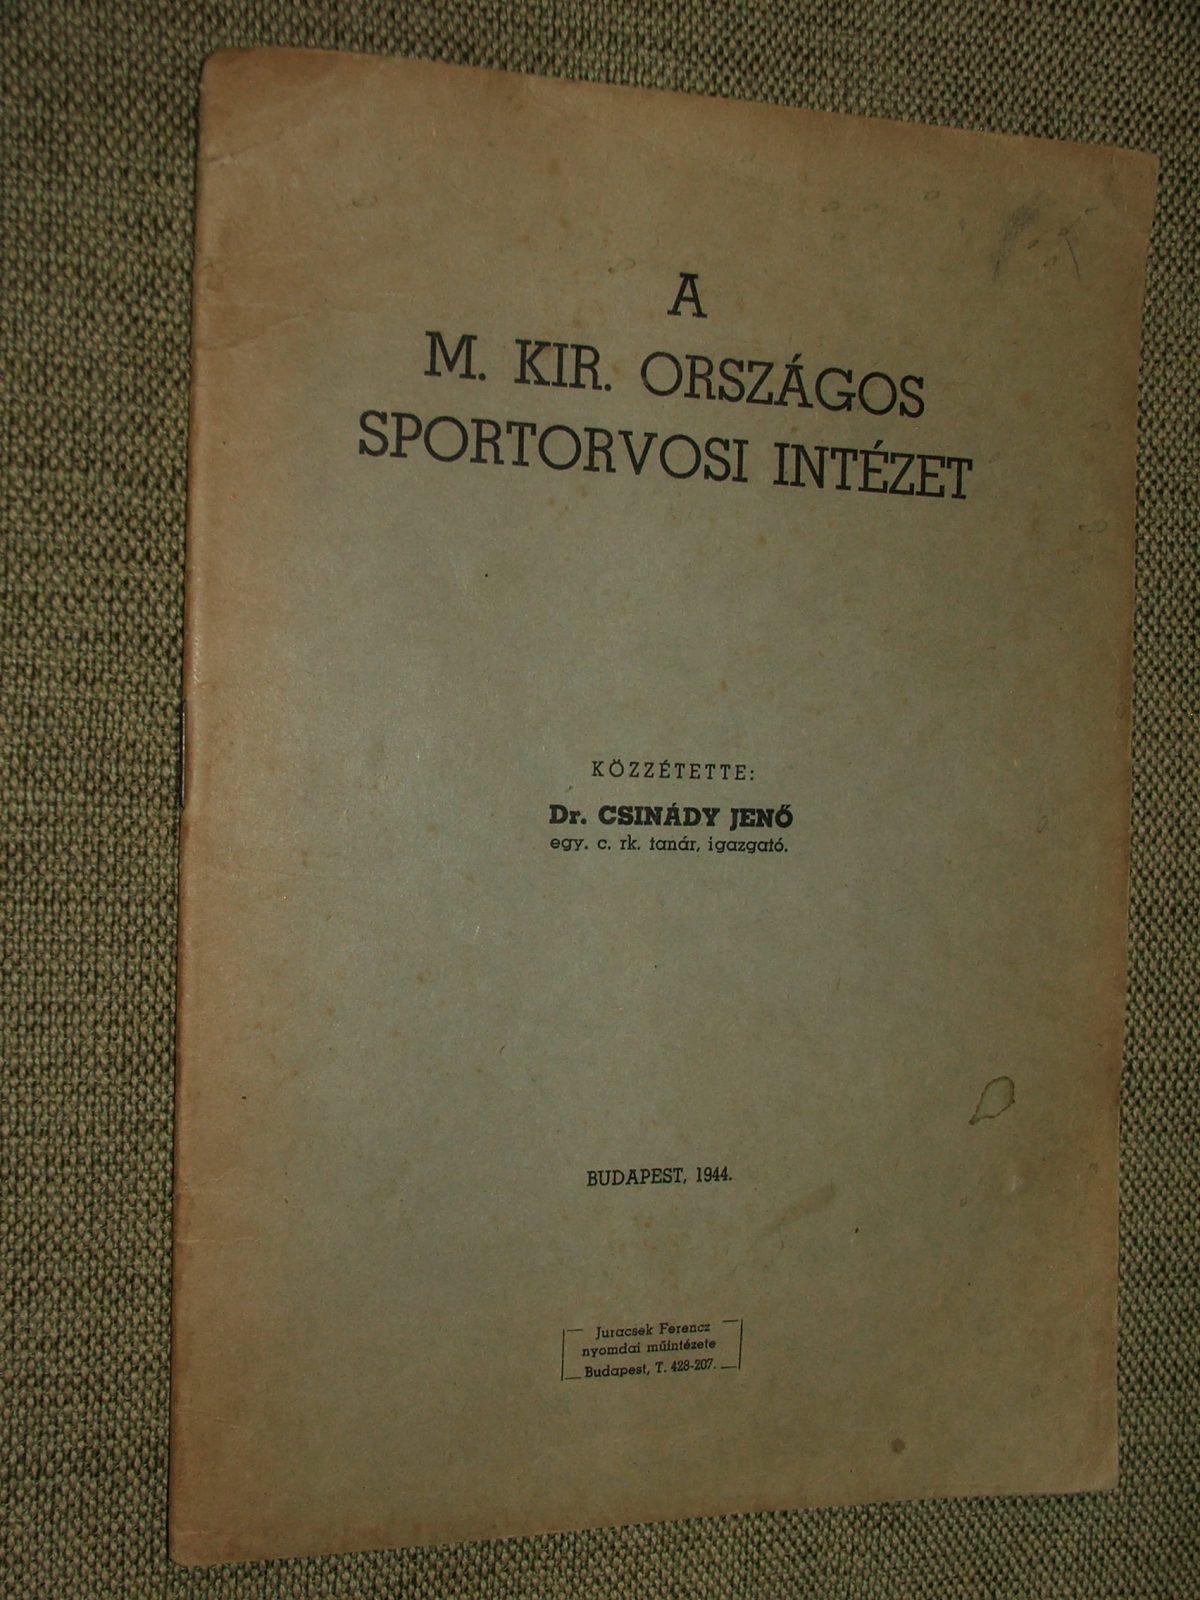 CSINÁDY JENŐ: A M. Kir. Országos Sportorvosi Intézet